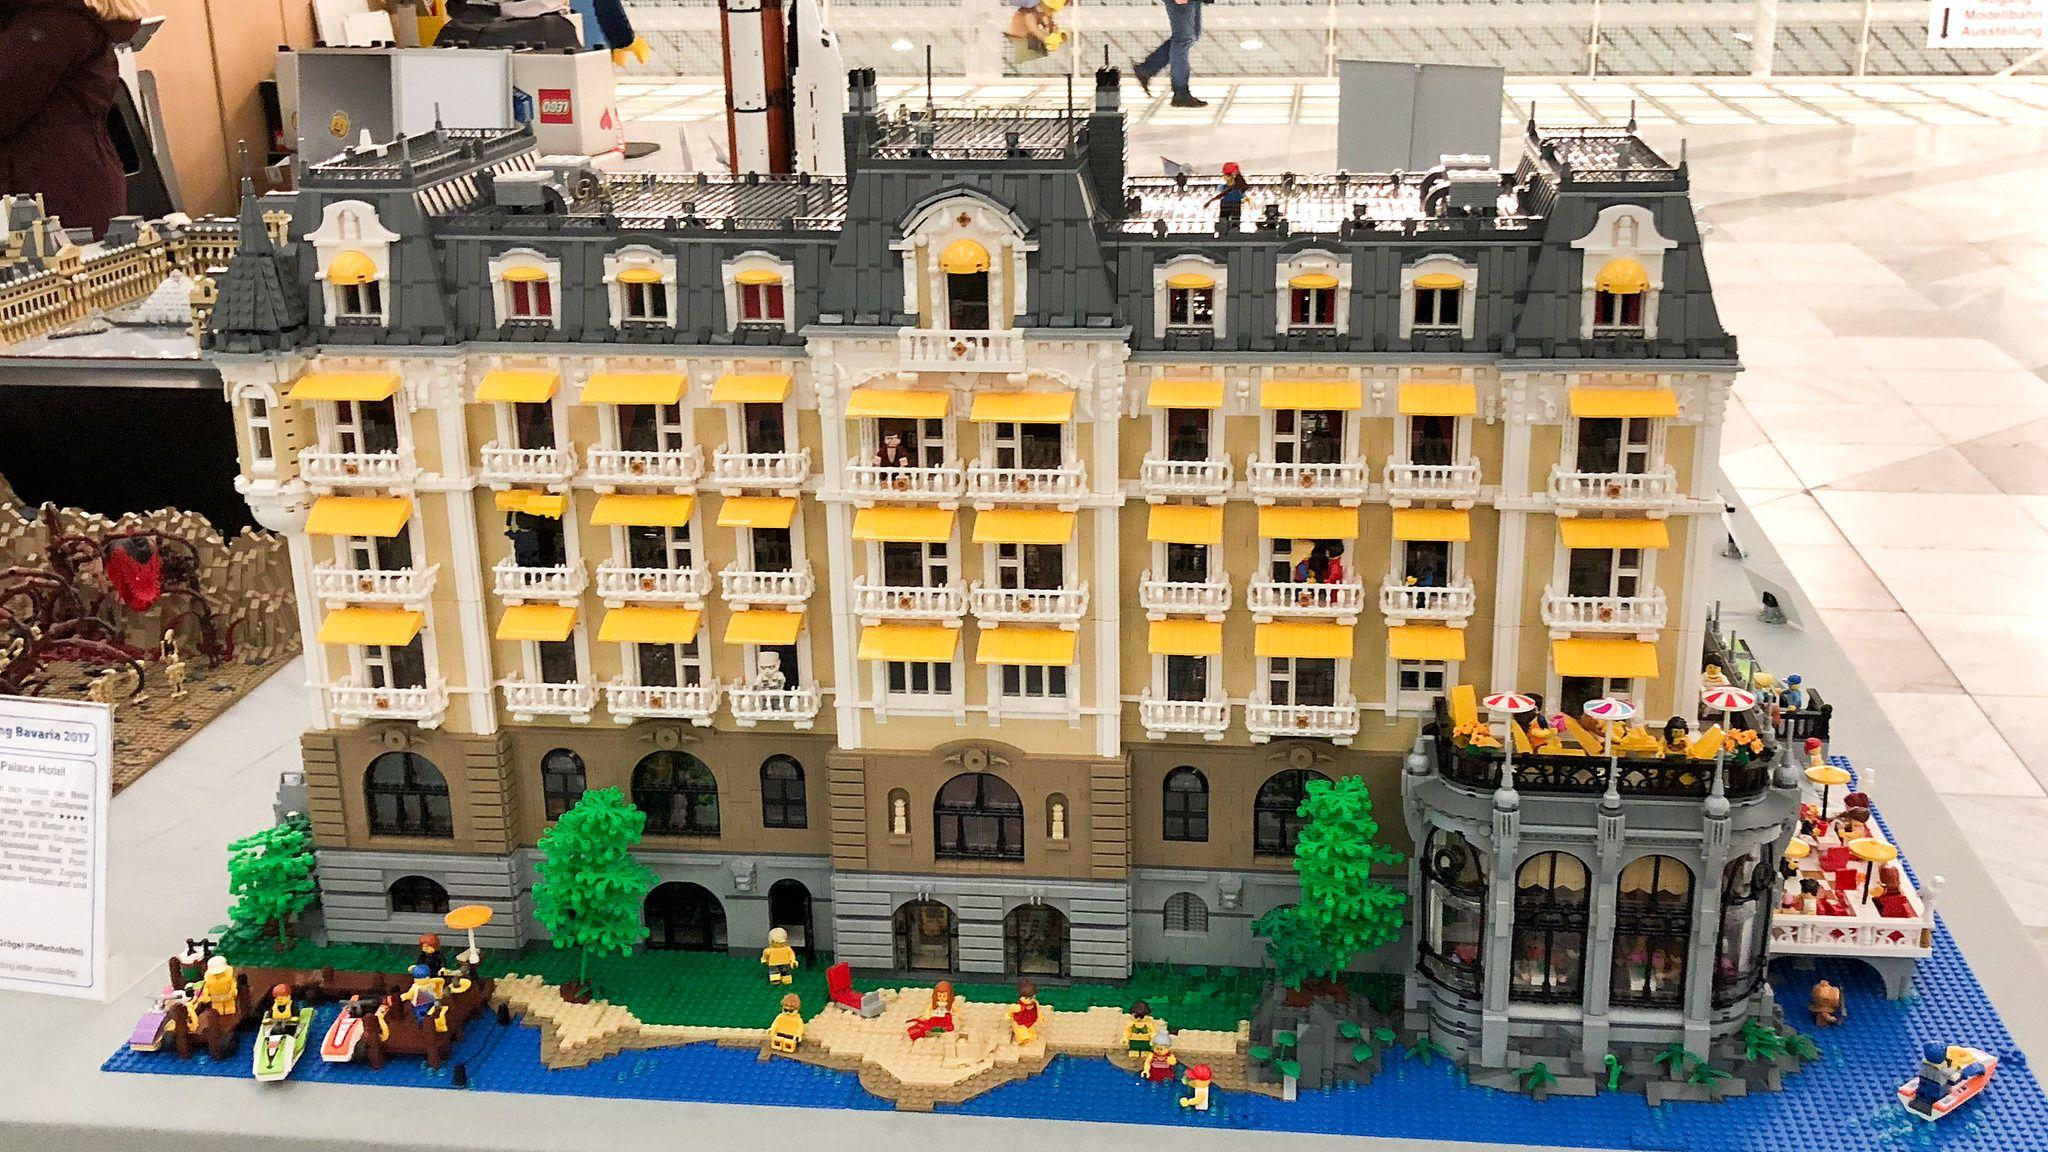 Hotel lakeside 5 (BB2017) | Lego hotel, Lego architecture ...